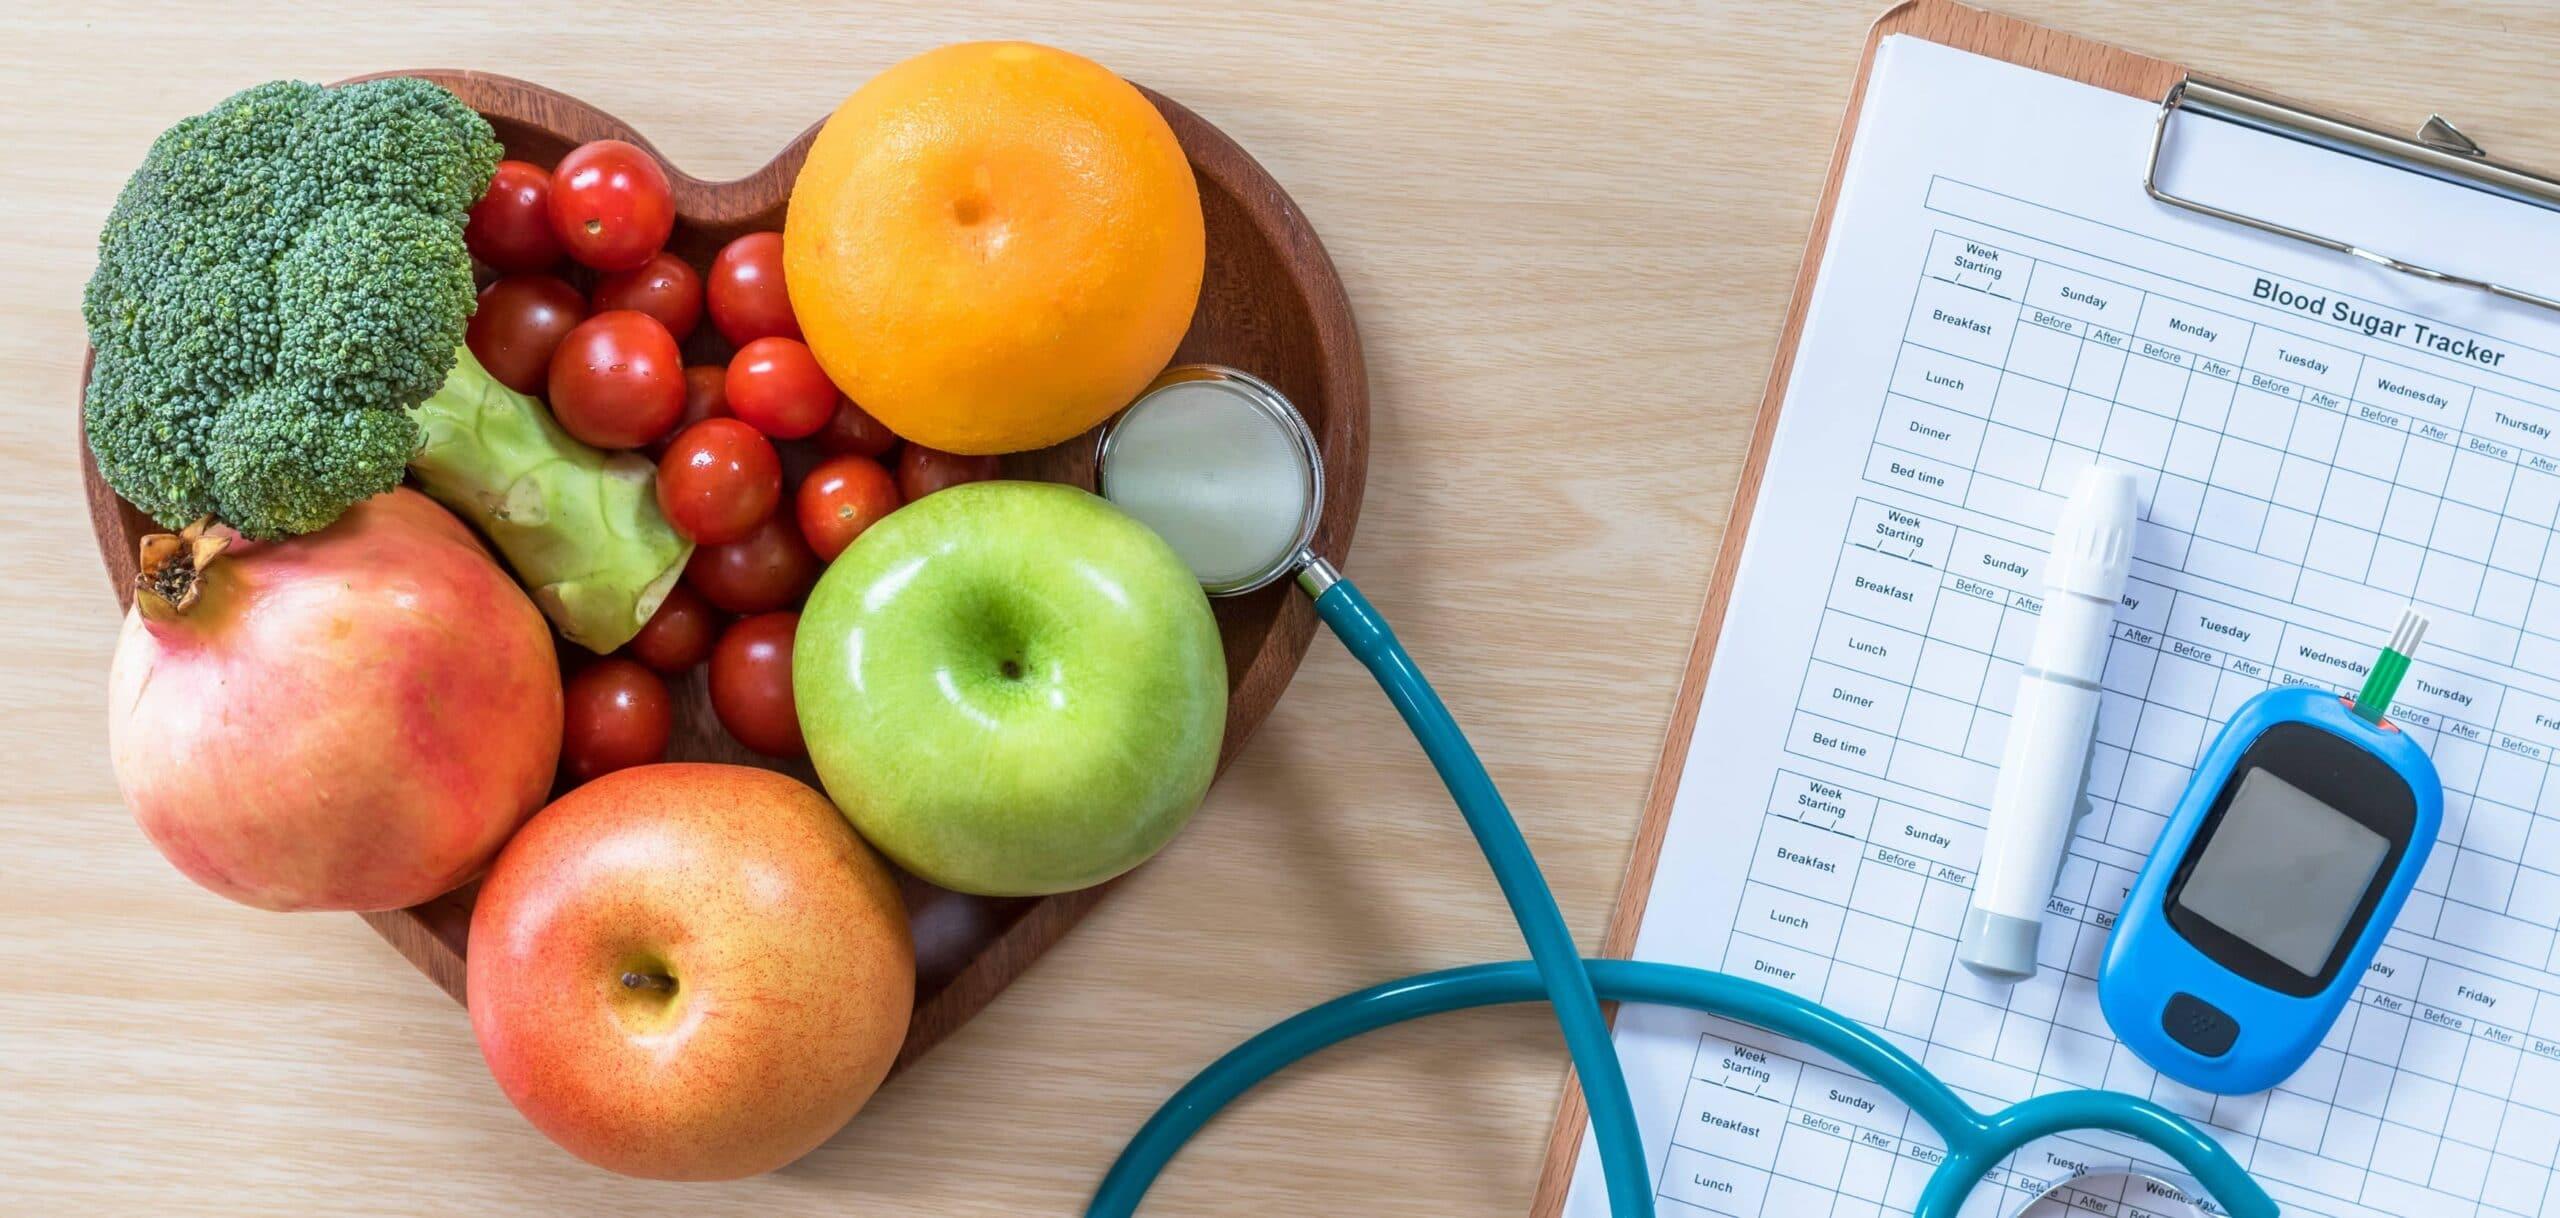 acidi grassi monoinsaturi fanno bene o fanno male nella dieta